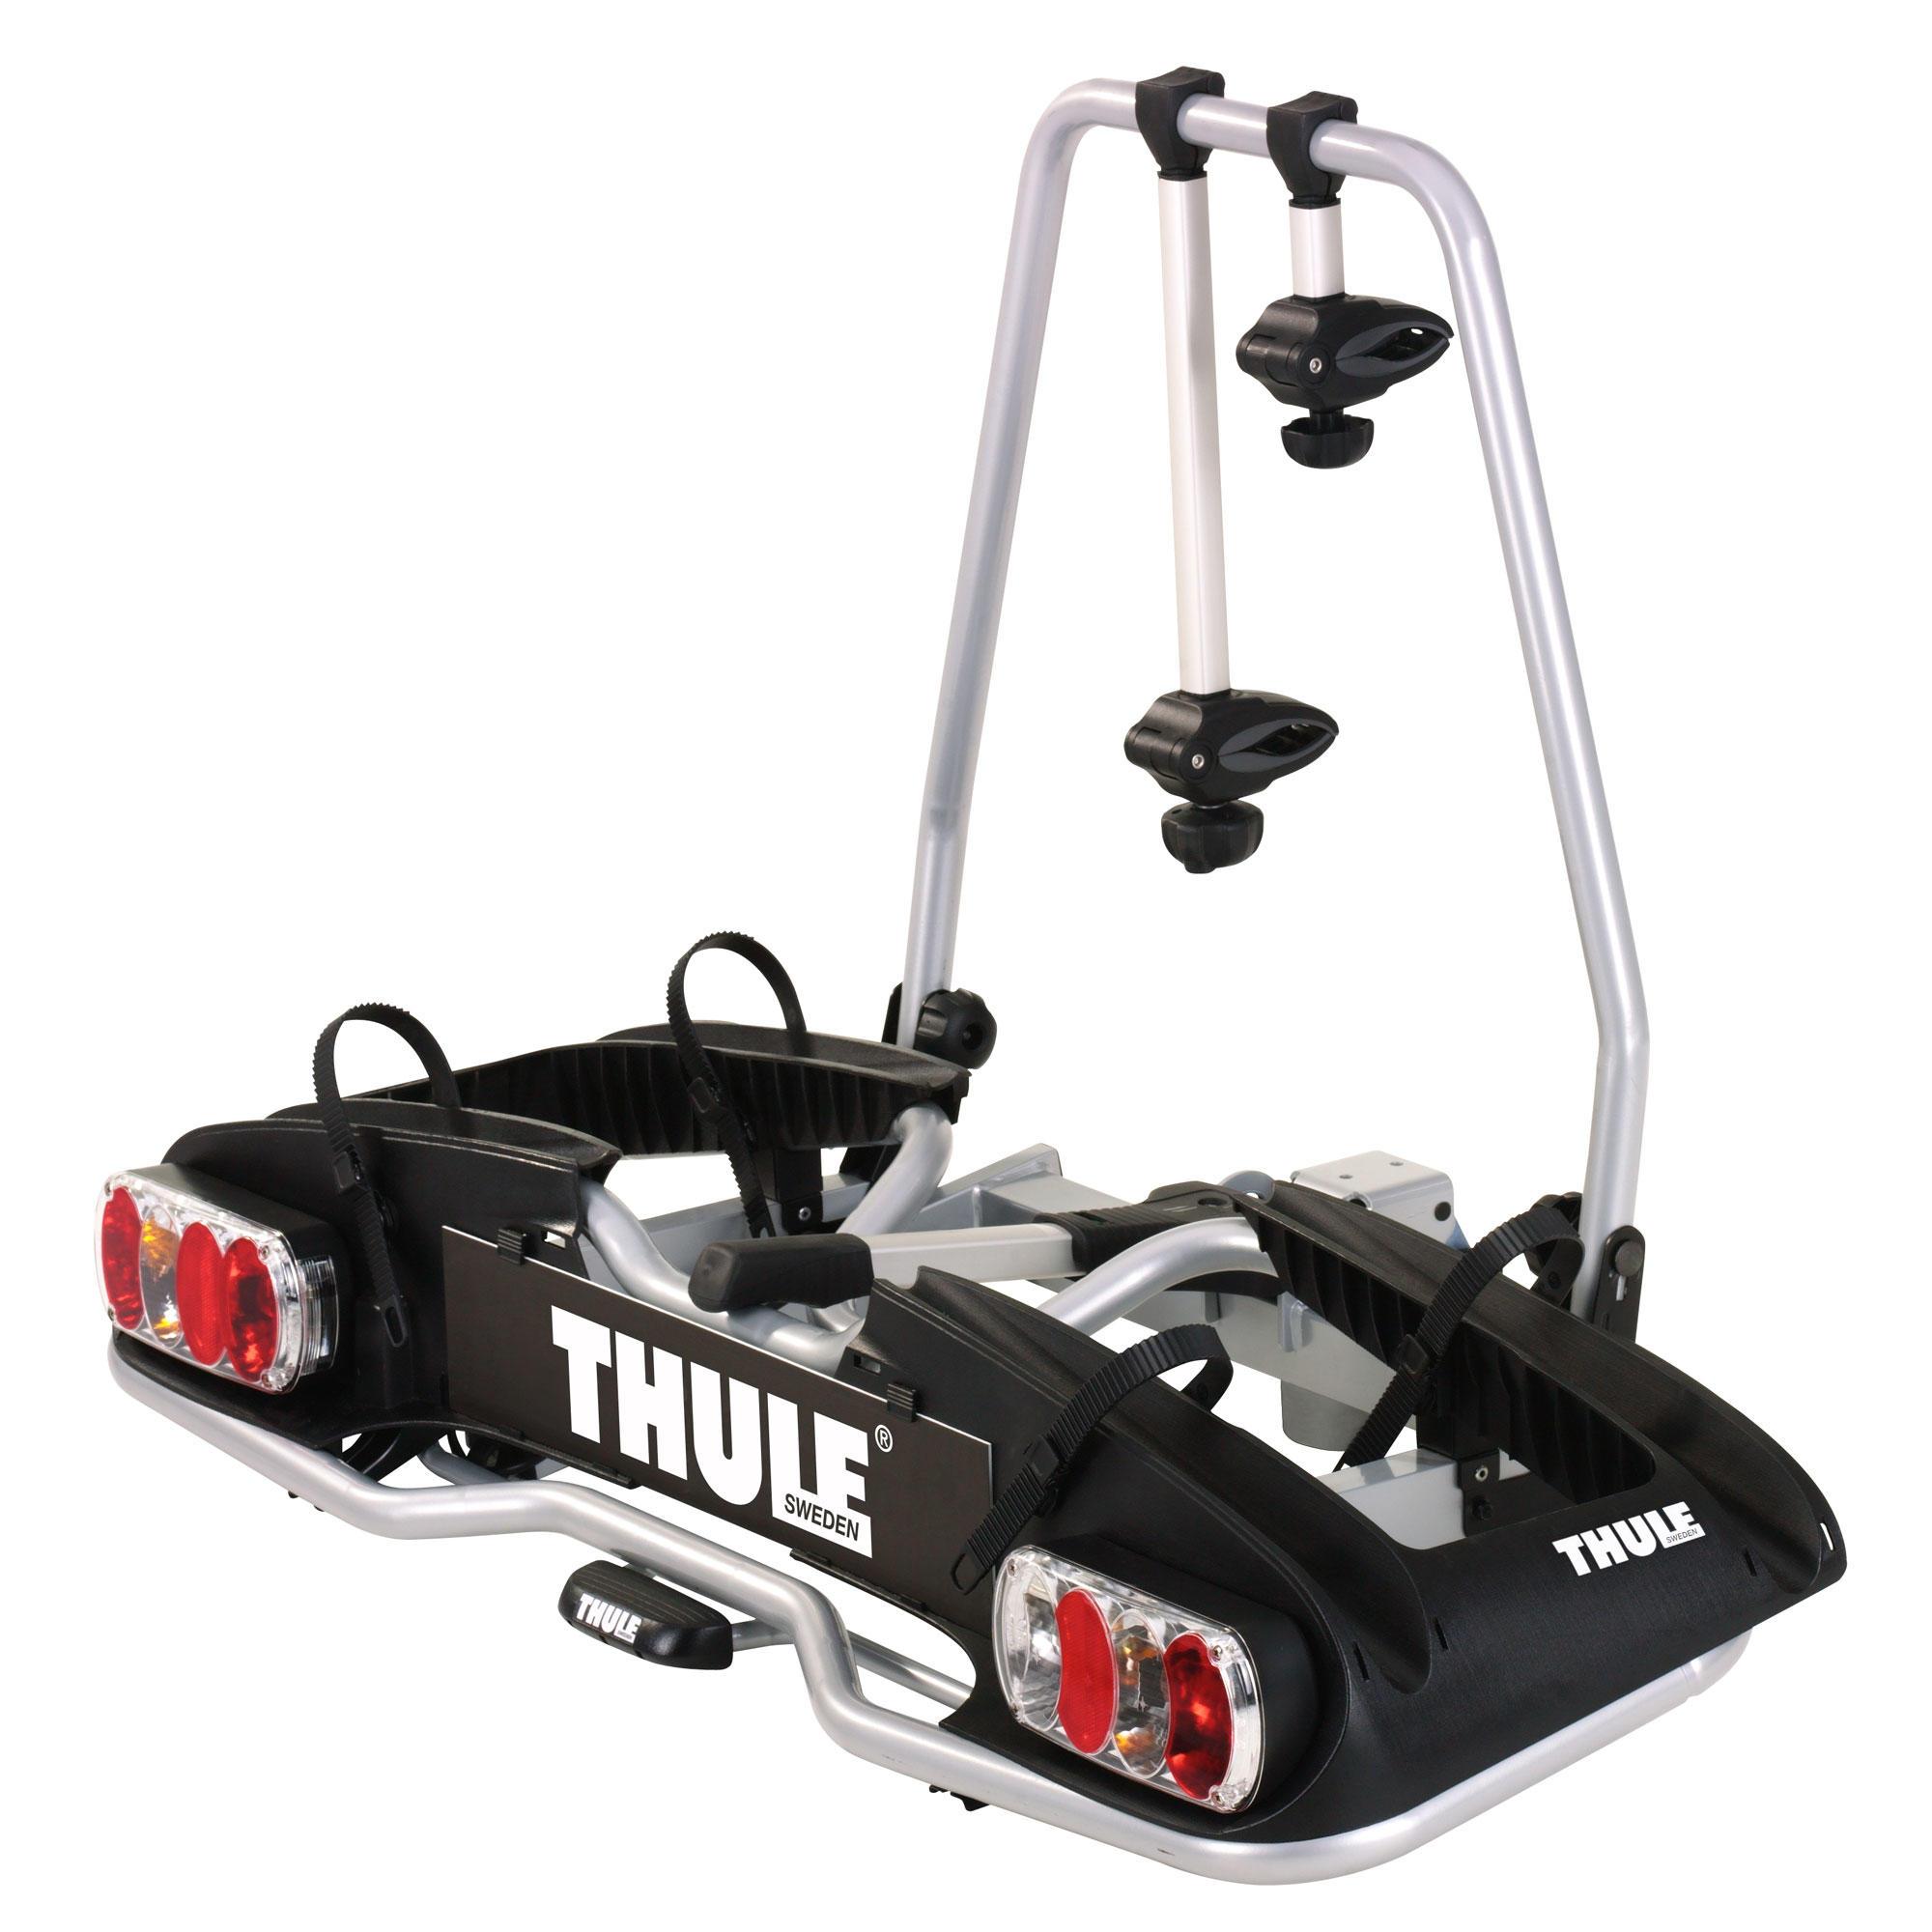 Thule 915020 EuroPower 915